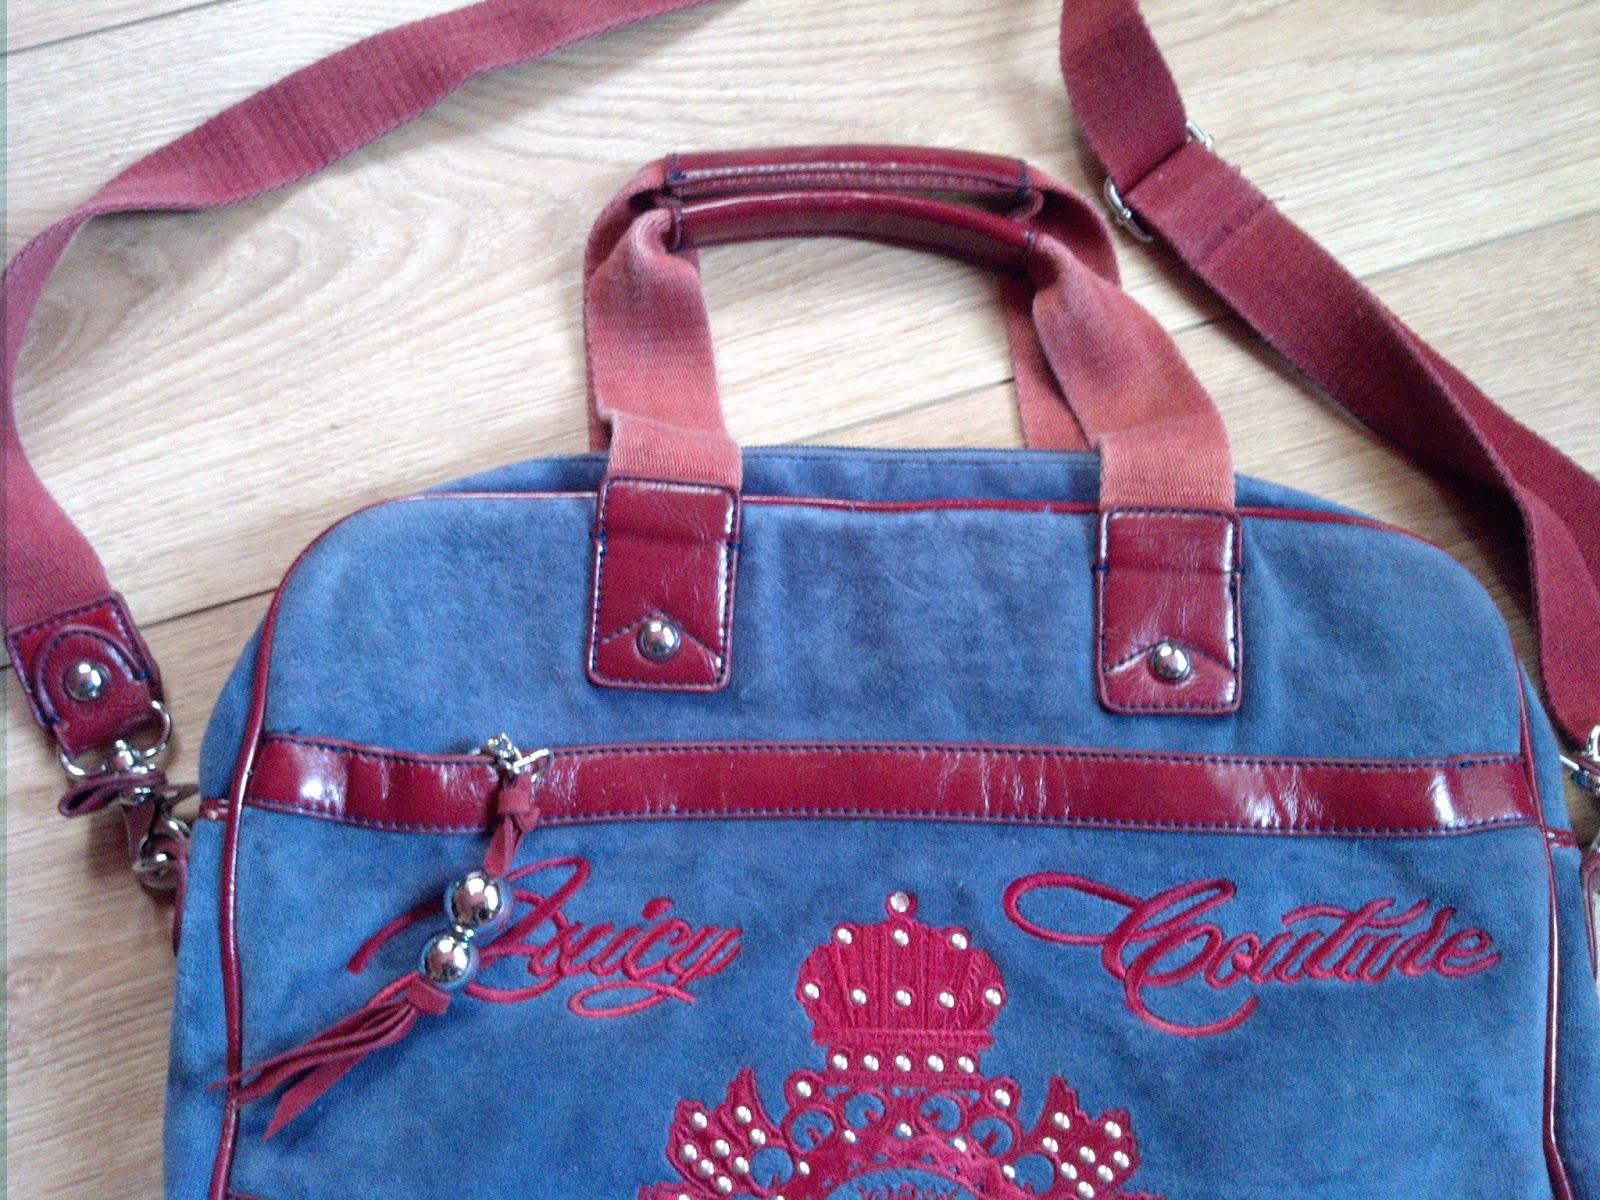 a6d8b6de09ba Сумка Juicy Couture (Оригинал), она же мультисумка или сумка для ноутбука с  множеством отделений! Состояние очень хорошее. Из велюра и кожзама!